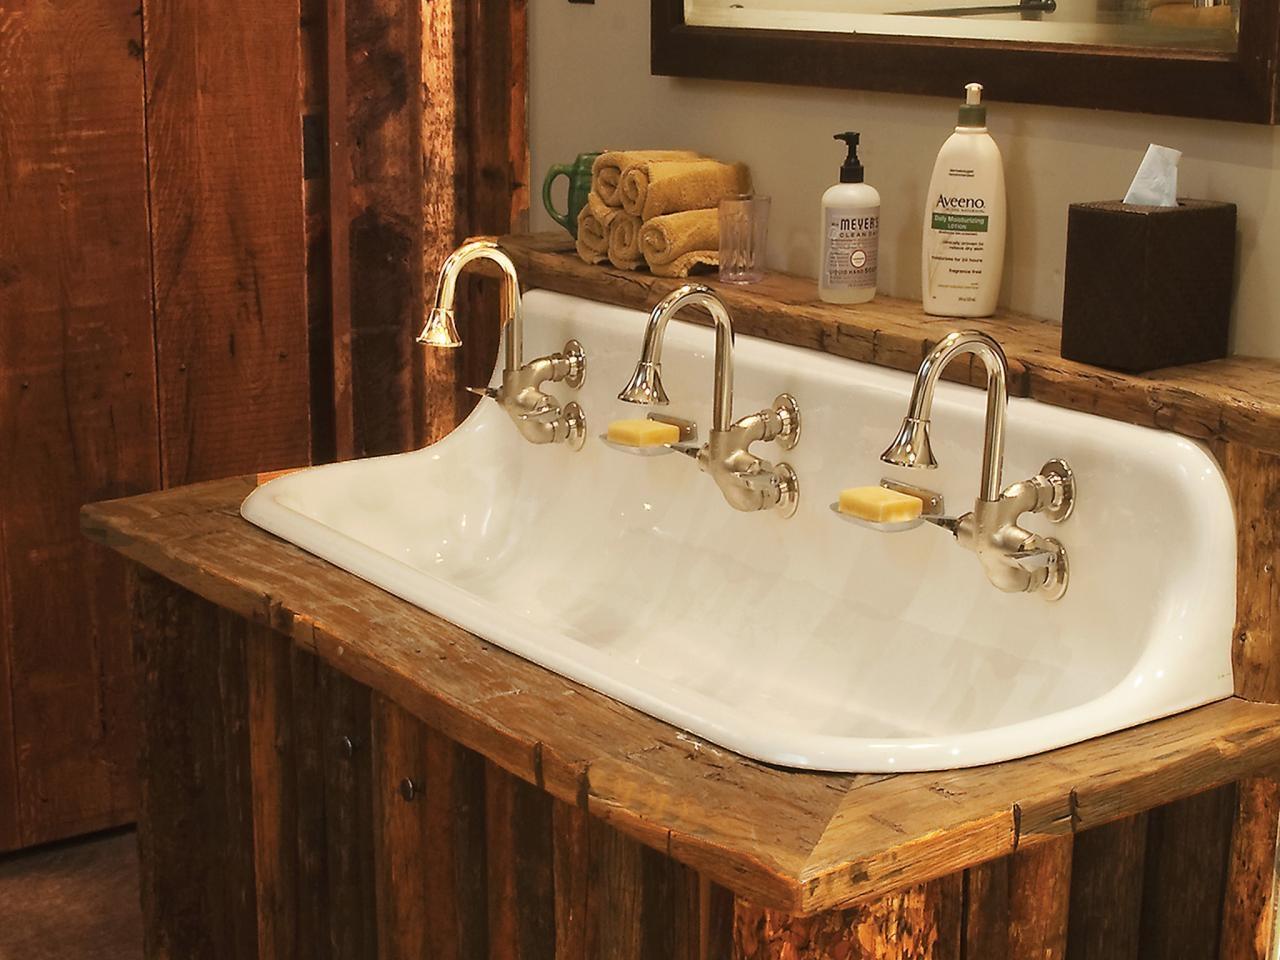 old style sink faucets old style sink faucets bathroom fixtures style 1280 x 960 jpeg